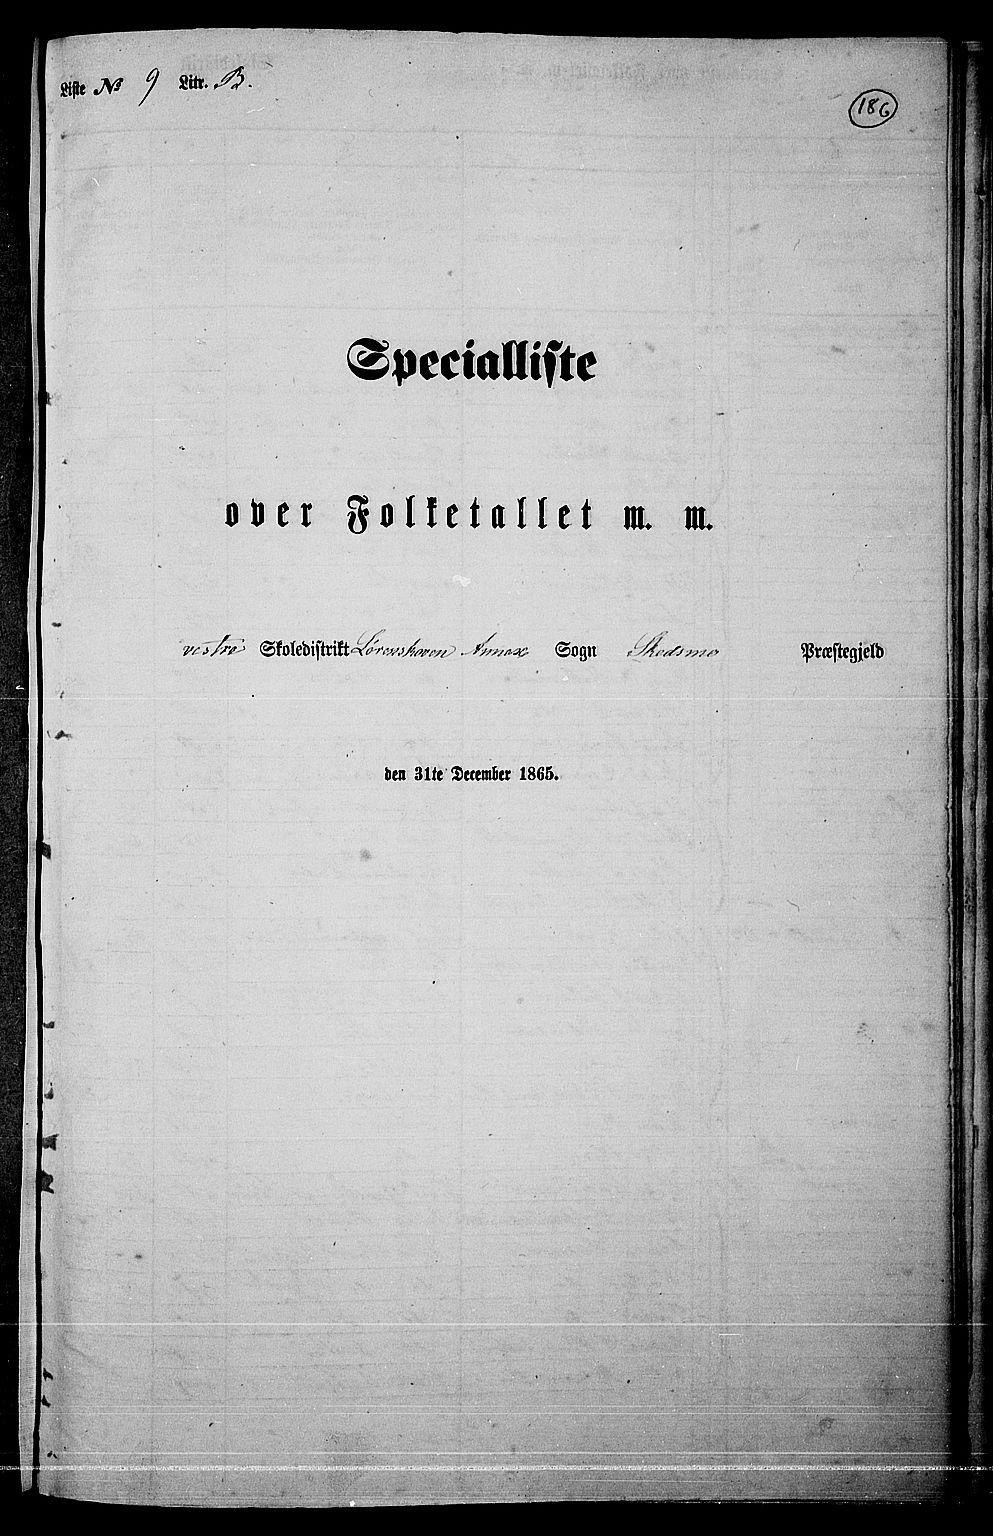 RA, Folketelling 1865 for 0231P Skedsmo prestegjeld, 1865, s. 165